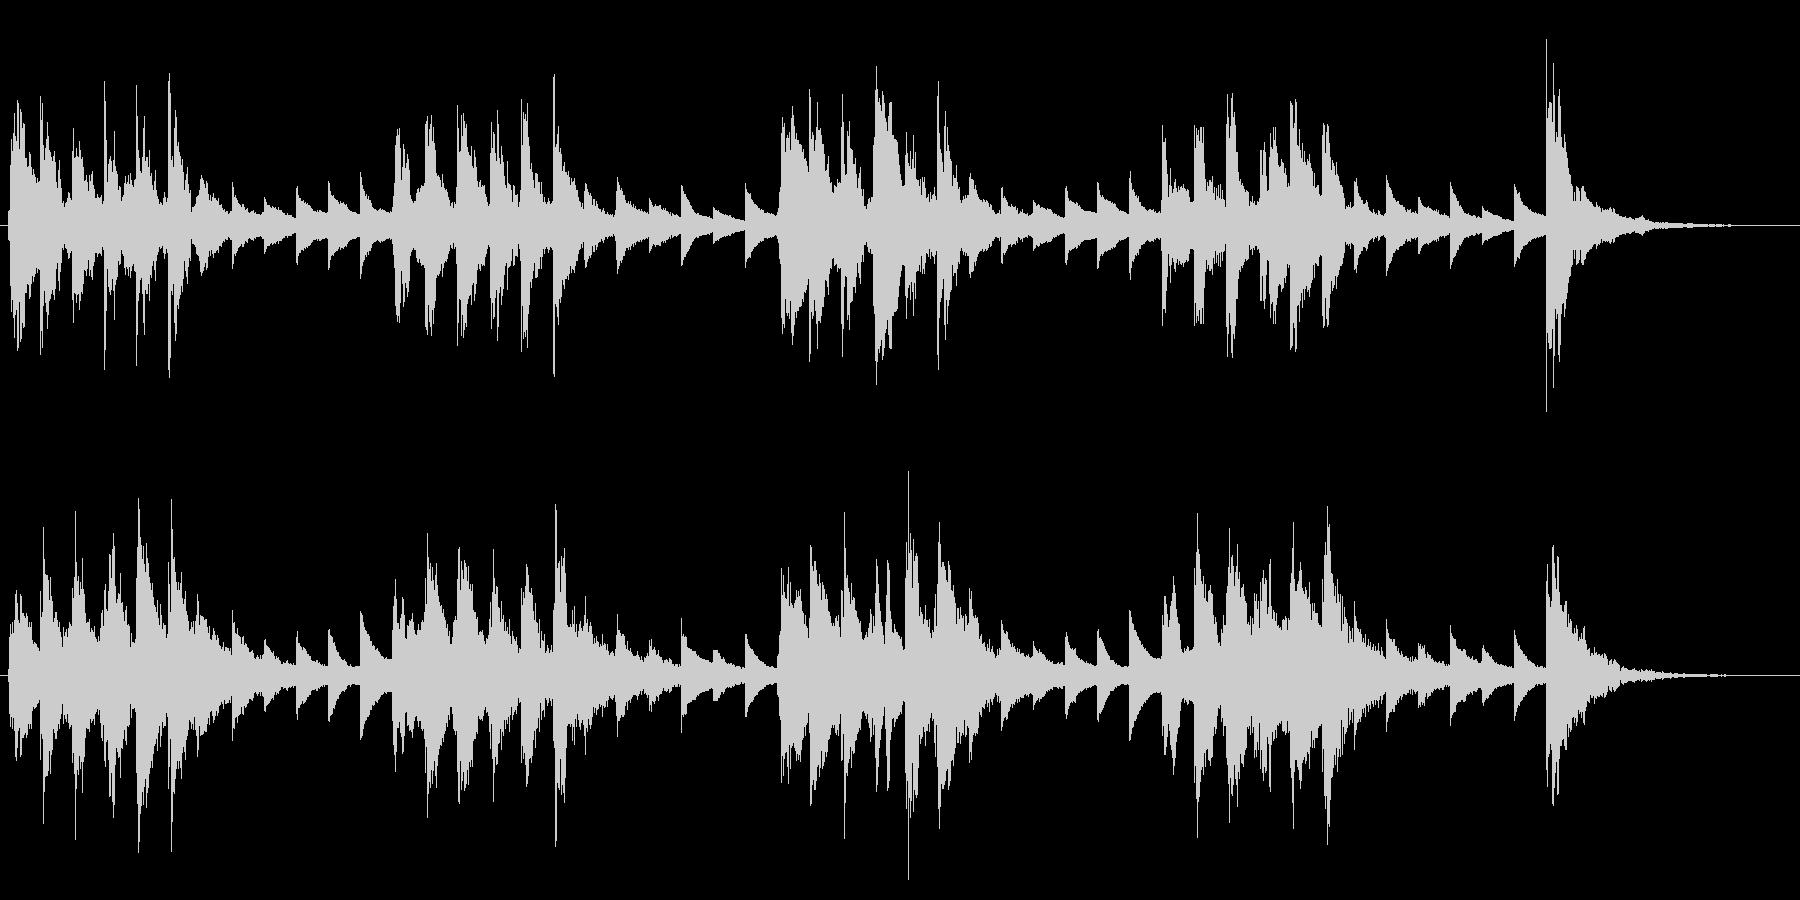 穏やかで可愛らしい小編成オーケストラロゴの未再生の波形